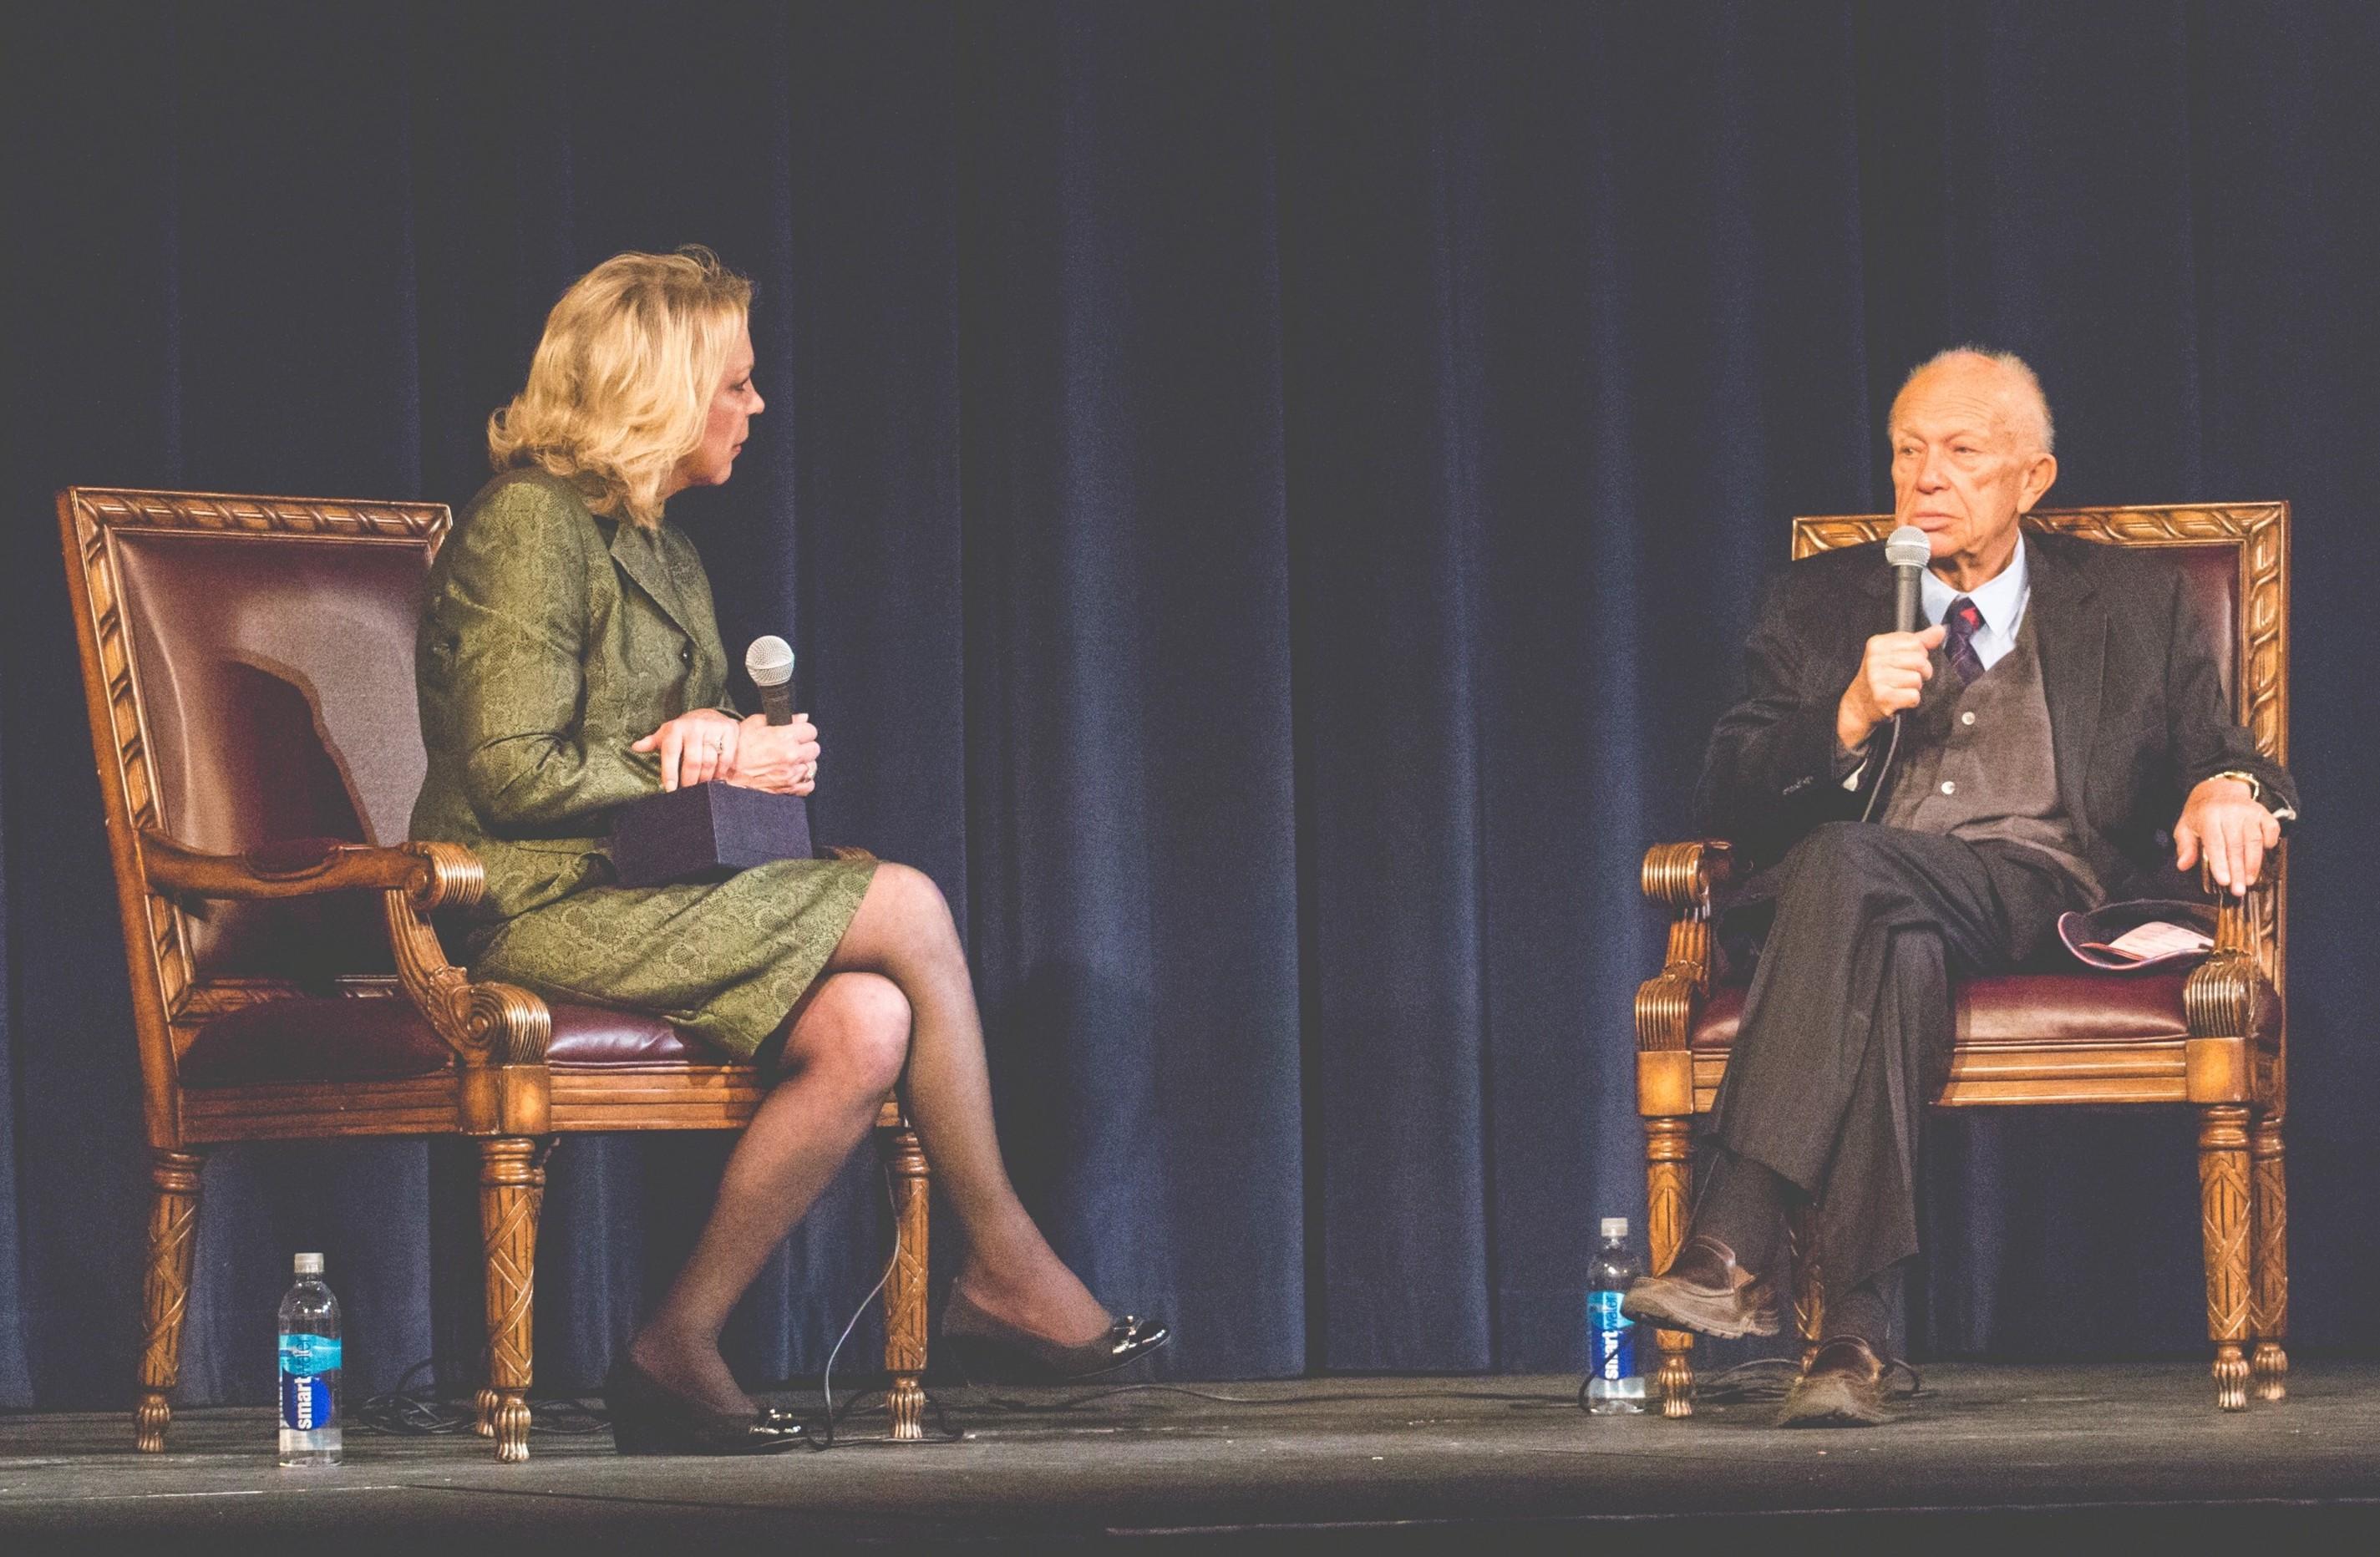 Mary Jean Interviews Sergei